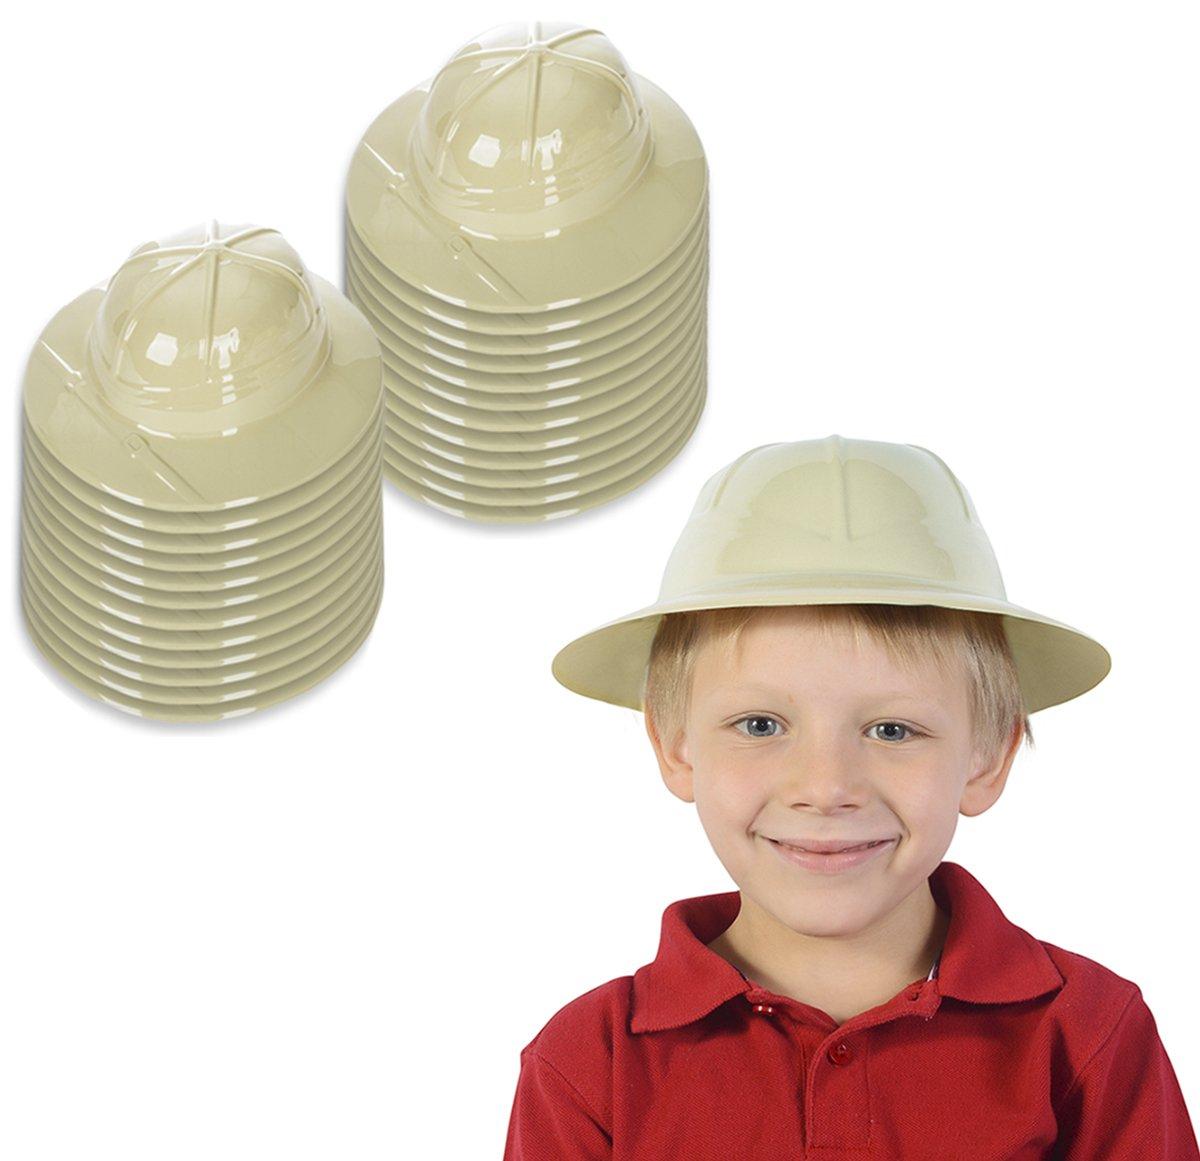 Safari Hat Party Favor - Jungle Party Supplies - Pith Helmets for Kids - Safari Party Supplies (24 Pack) by Funny Party Hats by Funny Party Hats